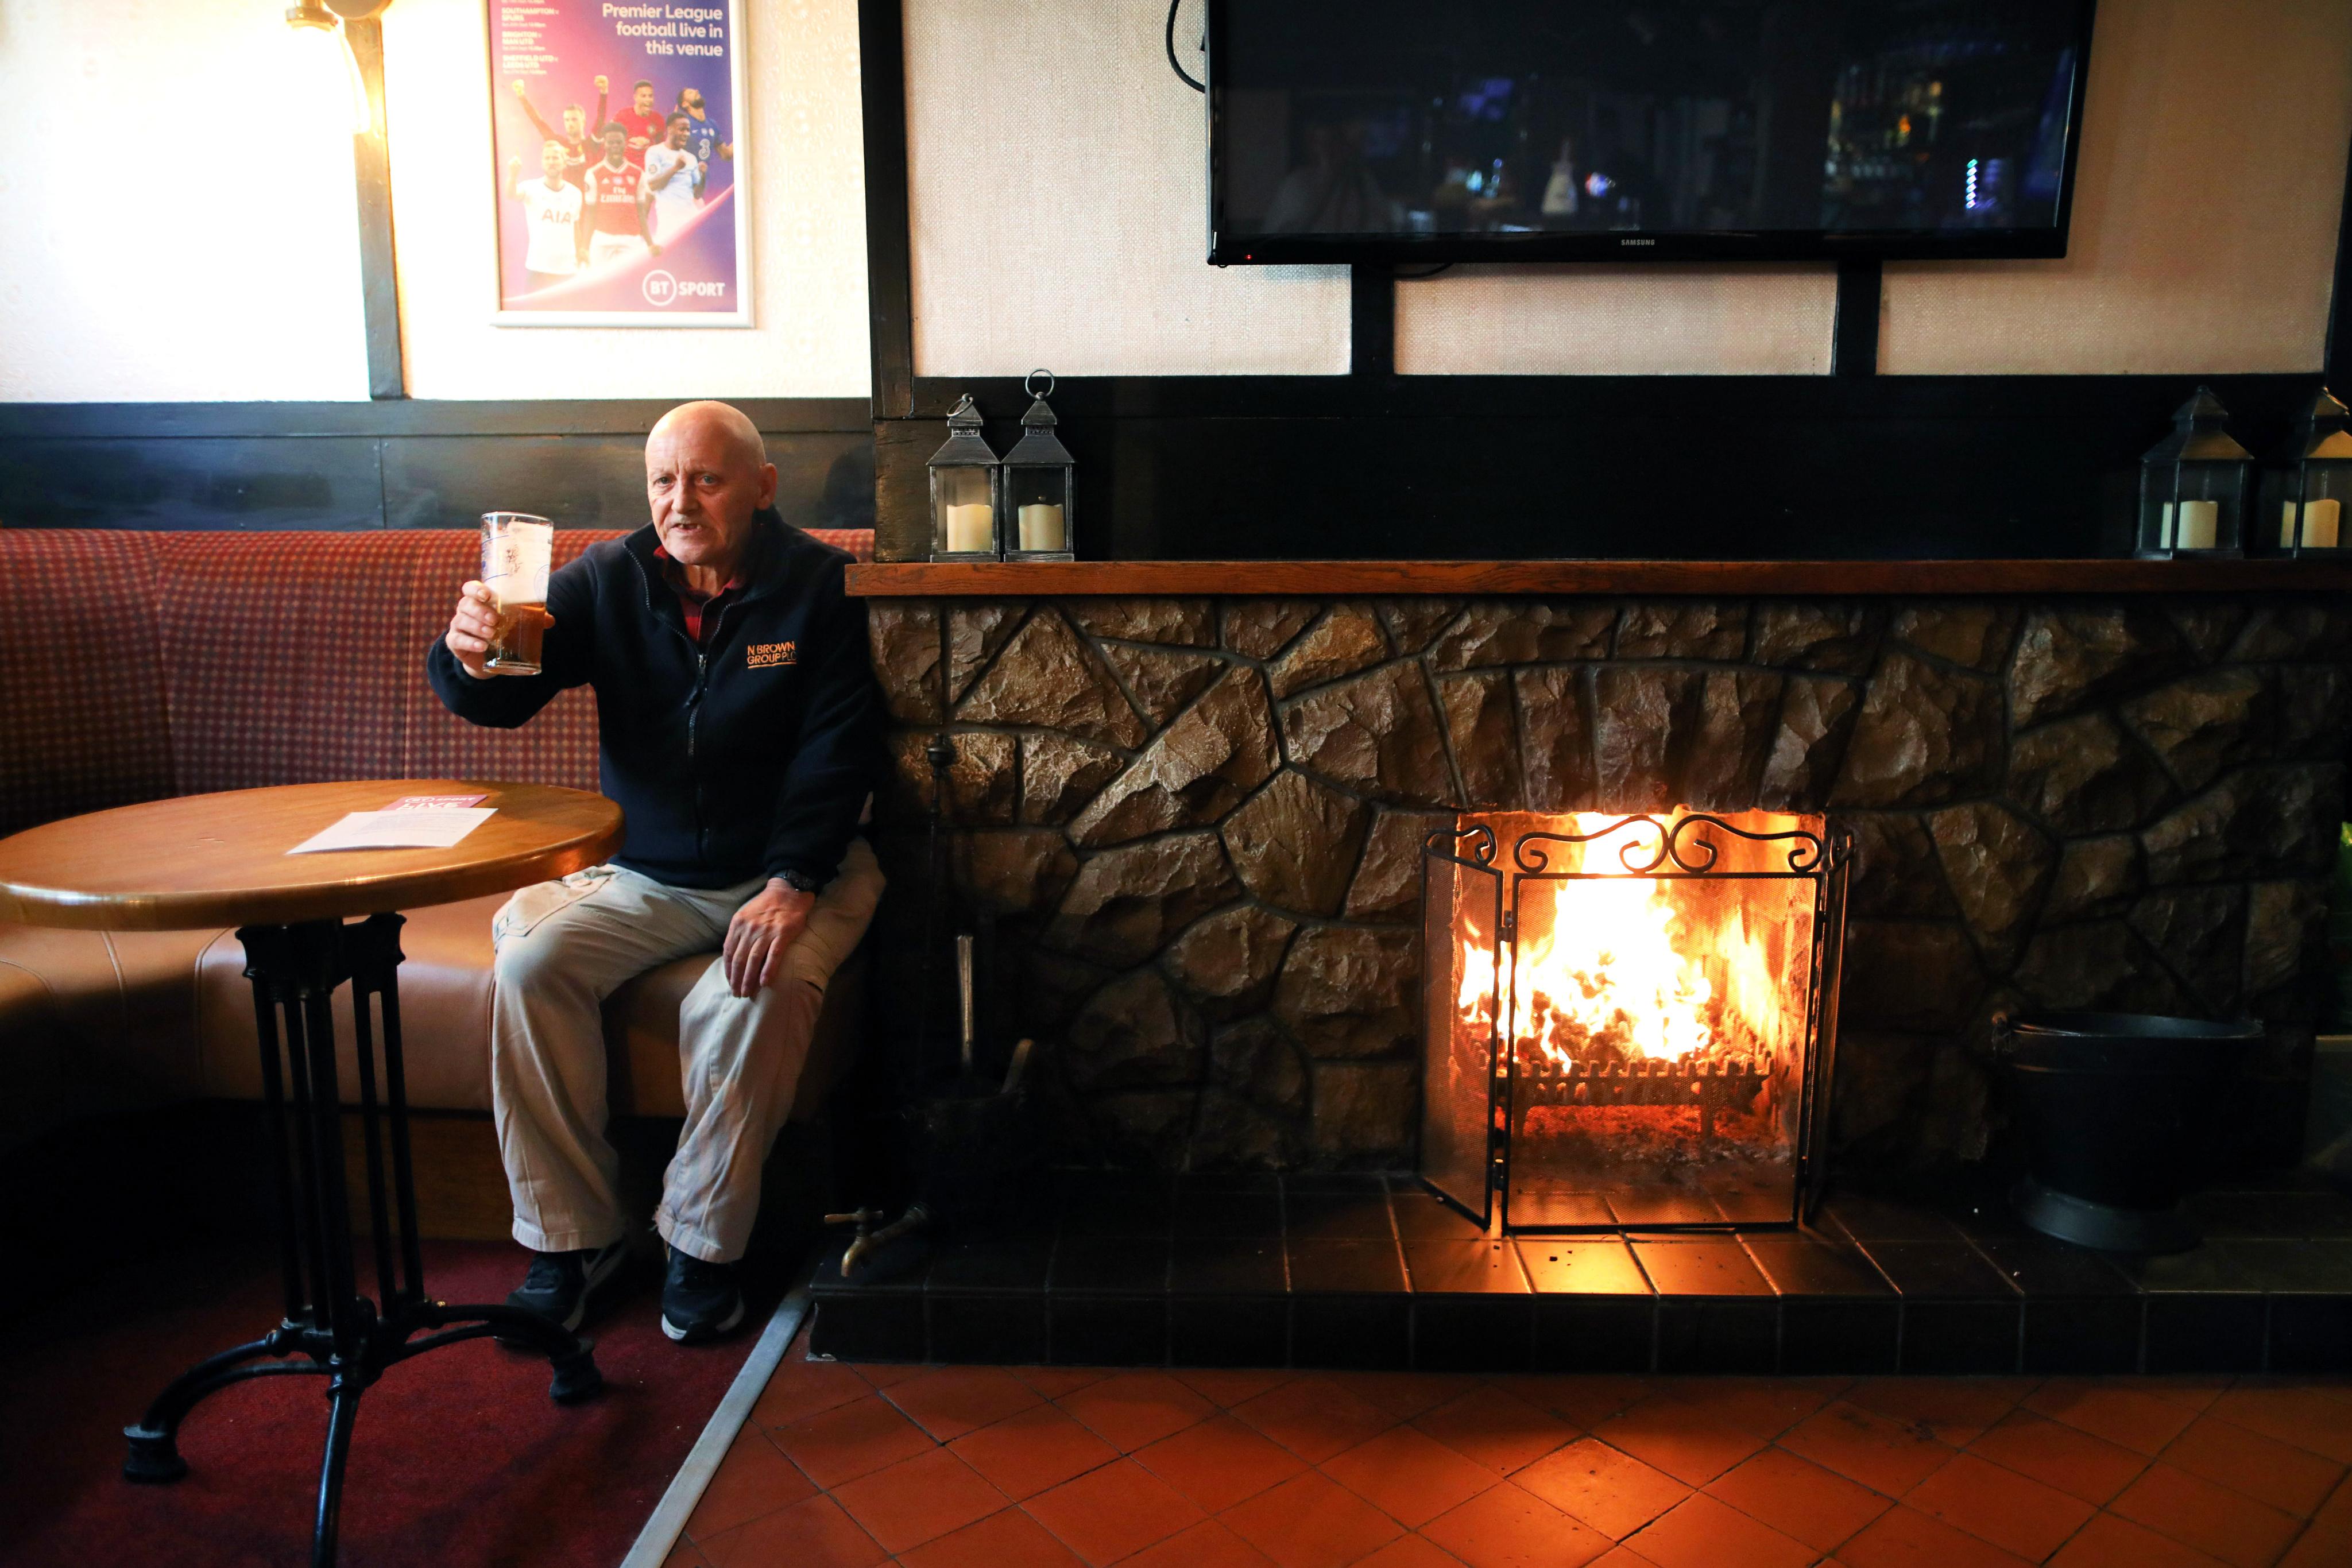 Man enjoys a pint